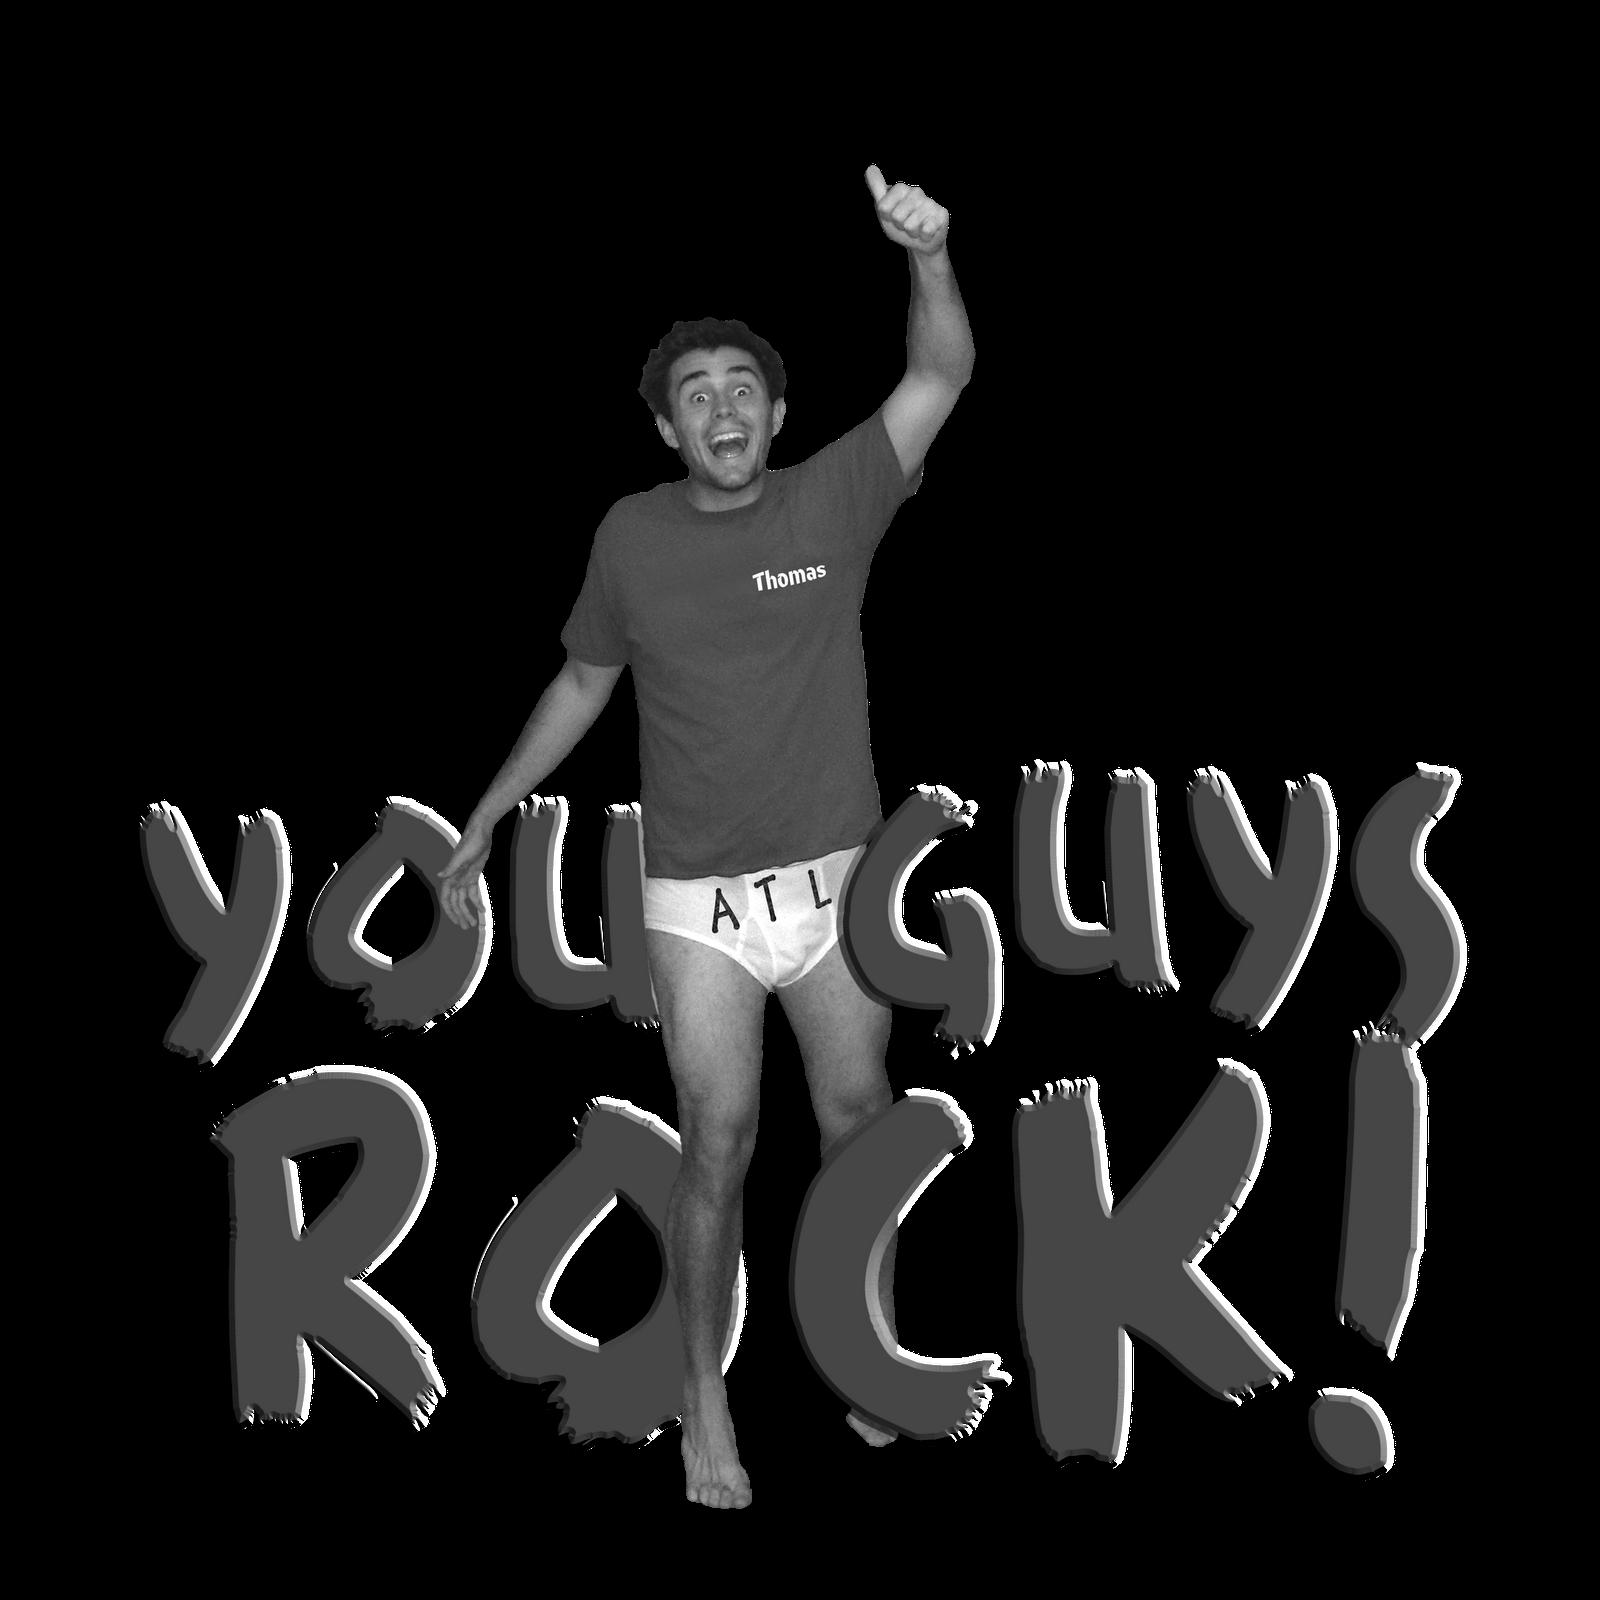 YouGuysRock.png